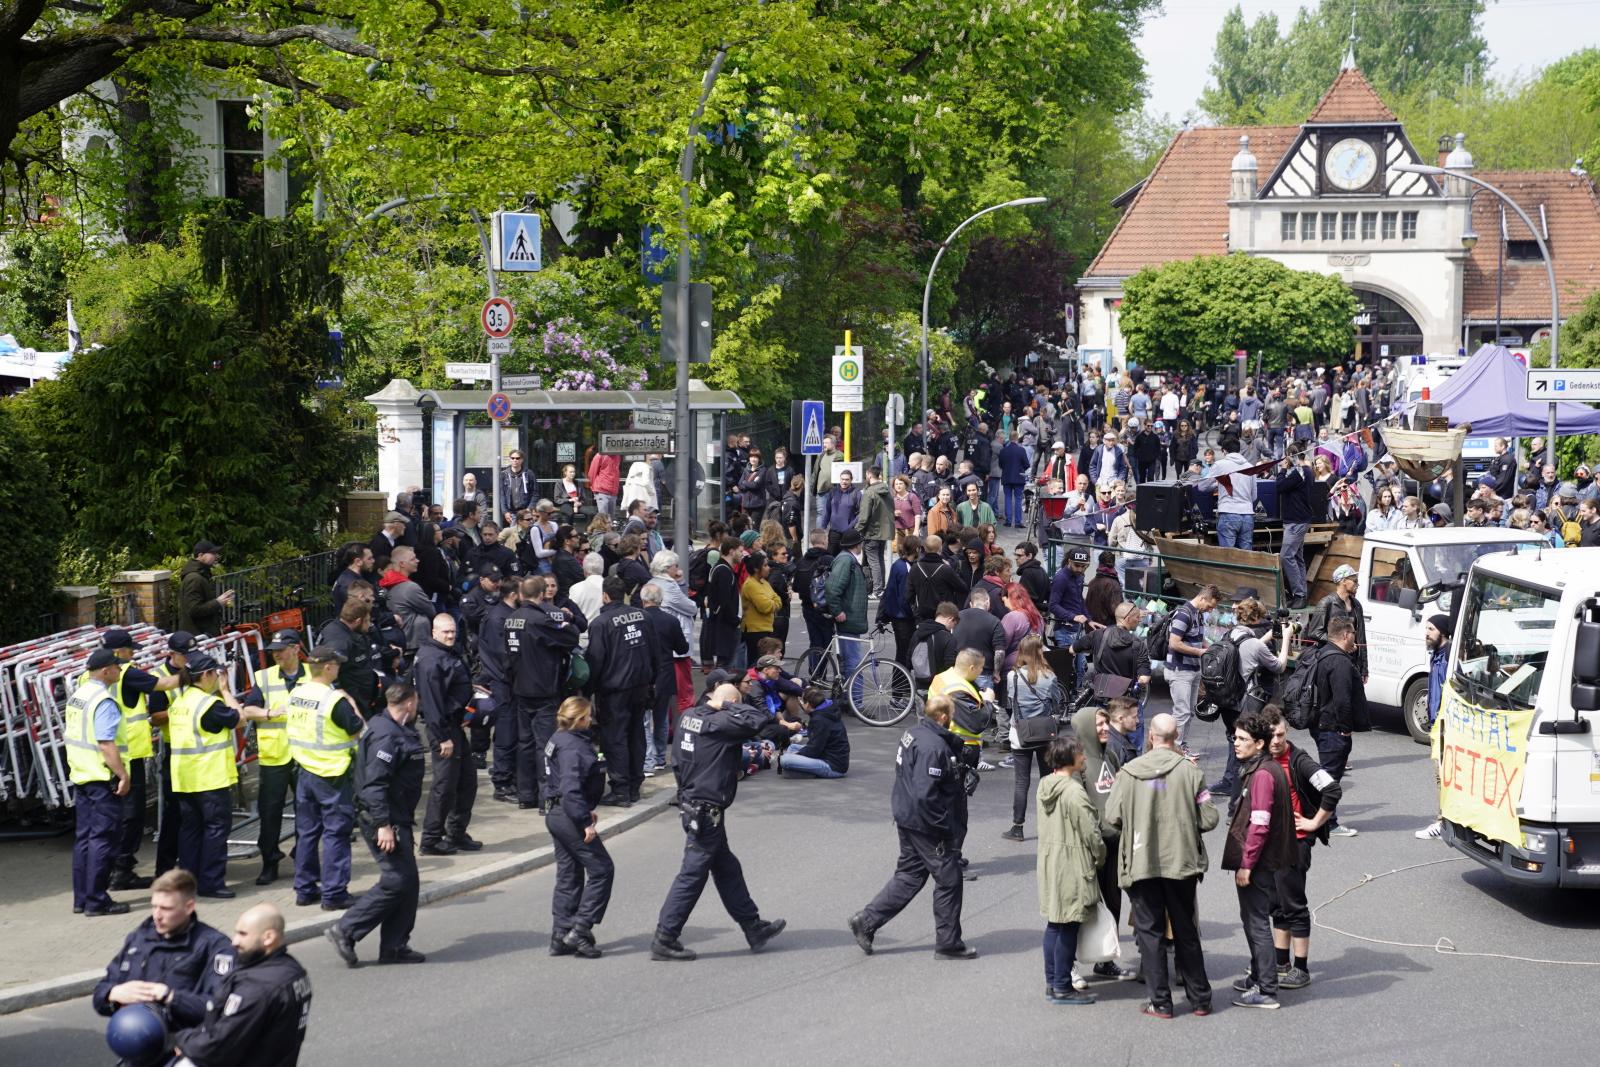 Święto Pracy w Niemczech EPA/ALEXANDER BECHER